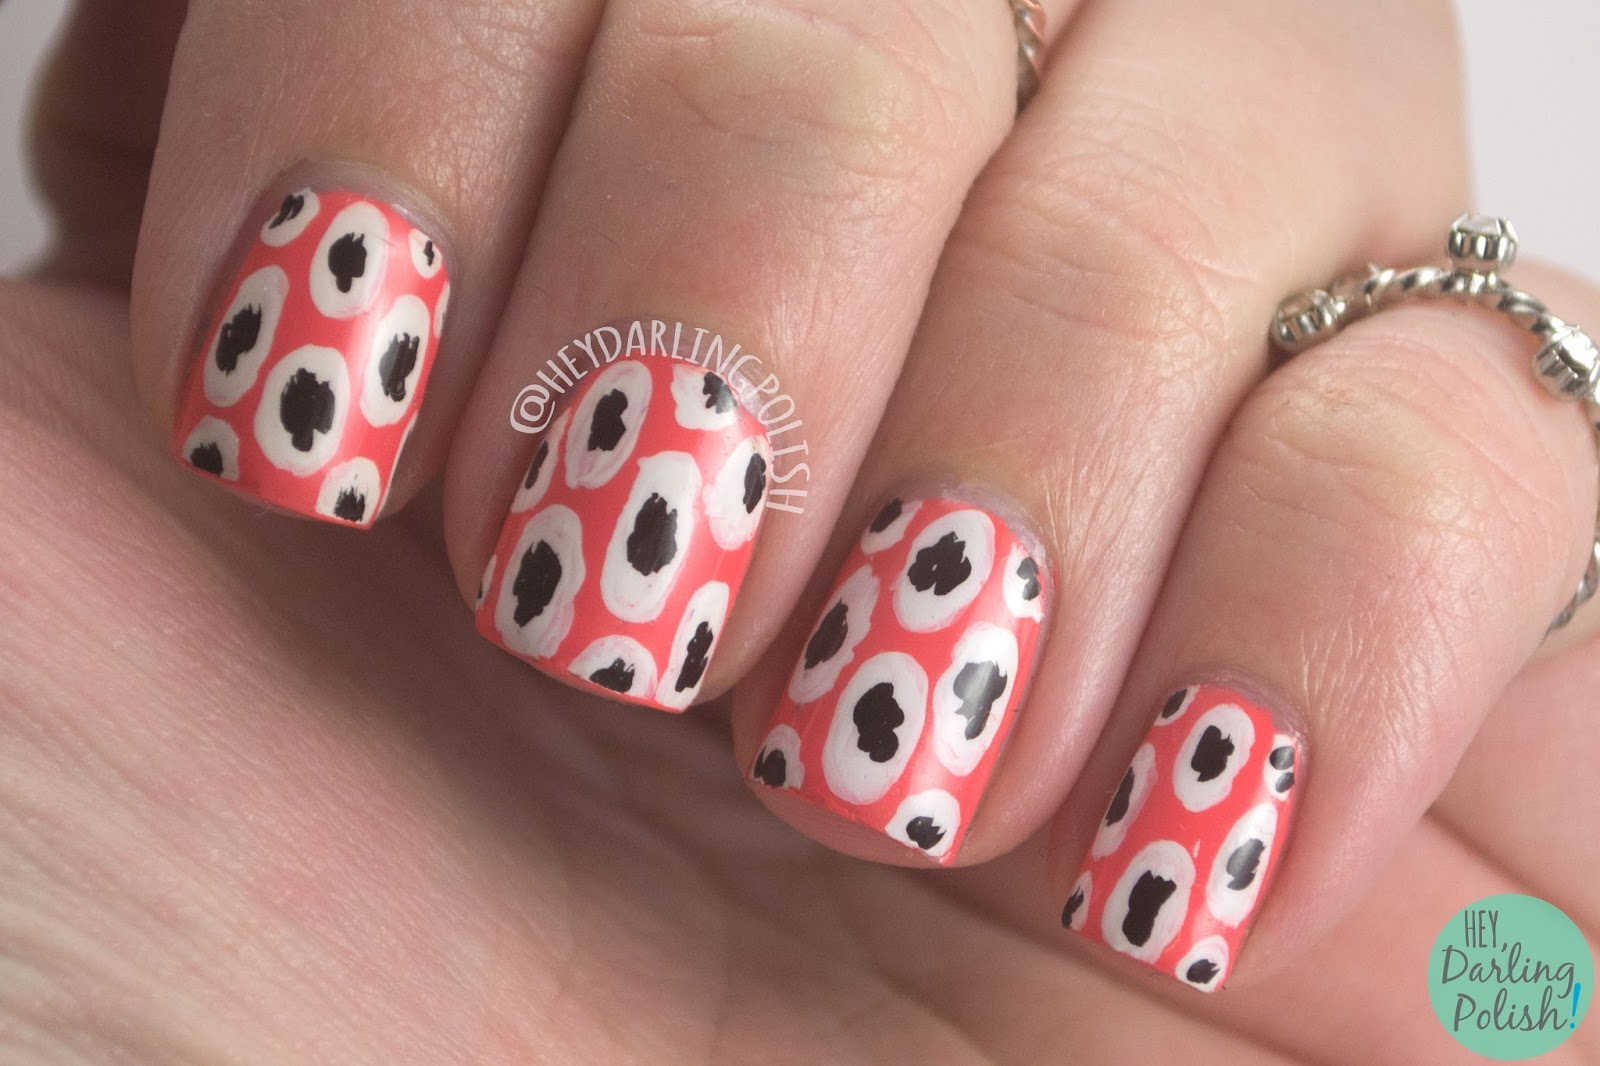 nails, nail art, nail polish, dots, hey darling polish, the nail challenge collaborative, coral, pattern,